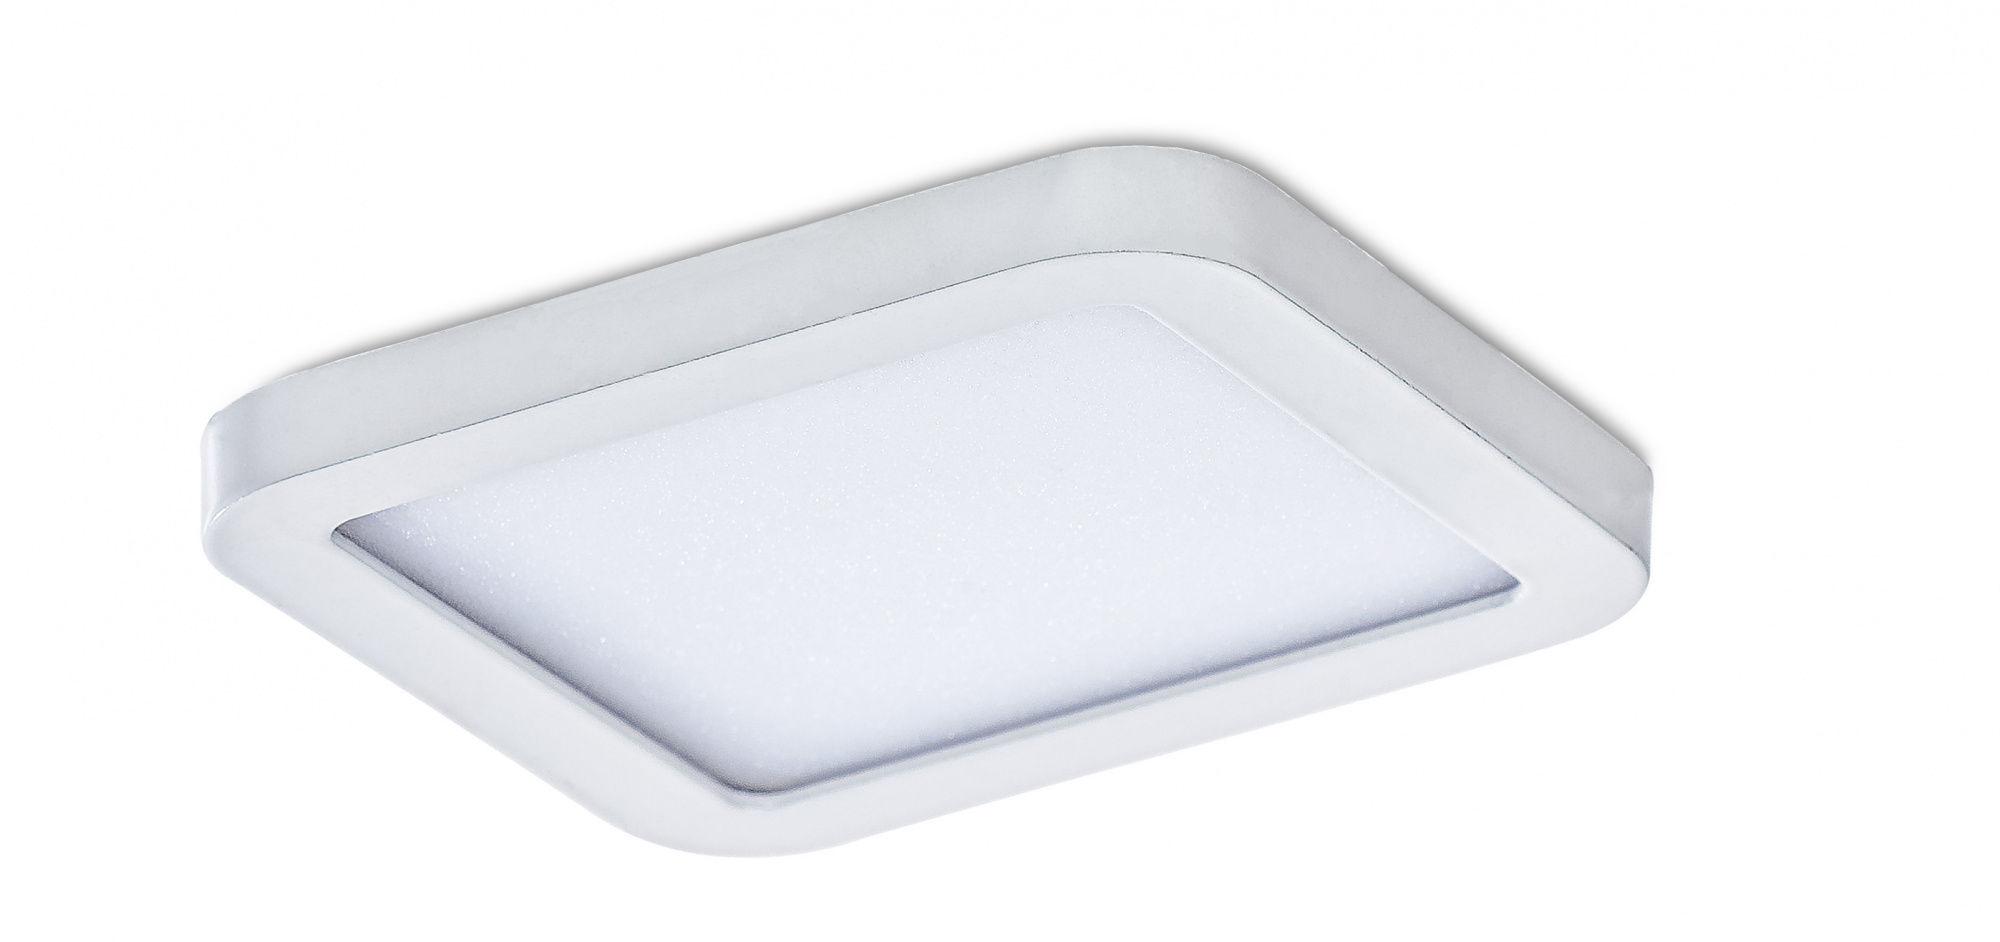 Plafon Slim square 9 AZ2830 AZzardo biała oprawa w nowoczesnym stylu